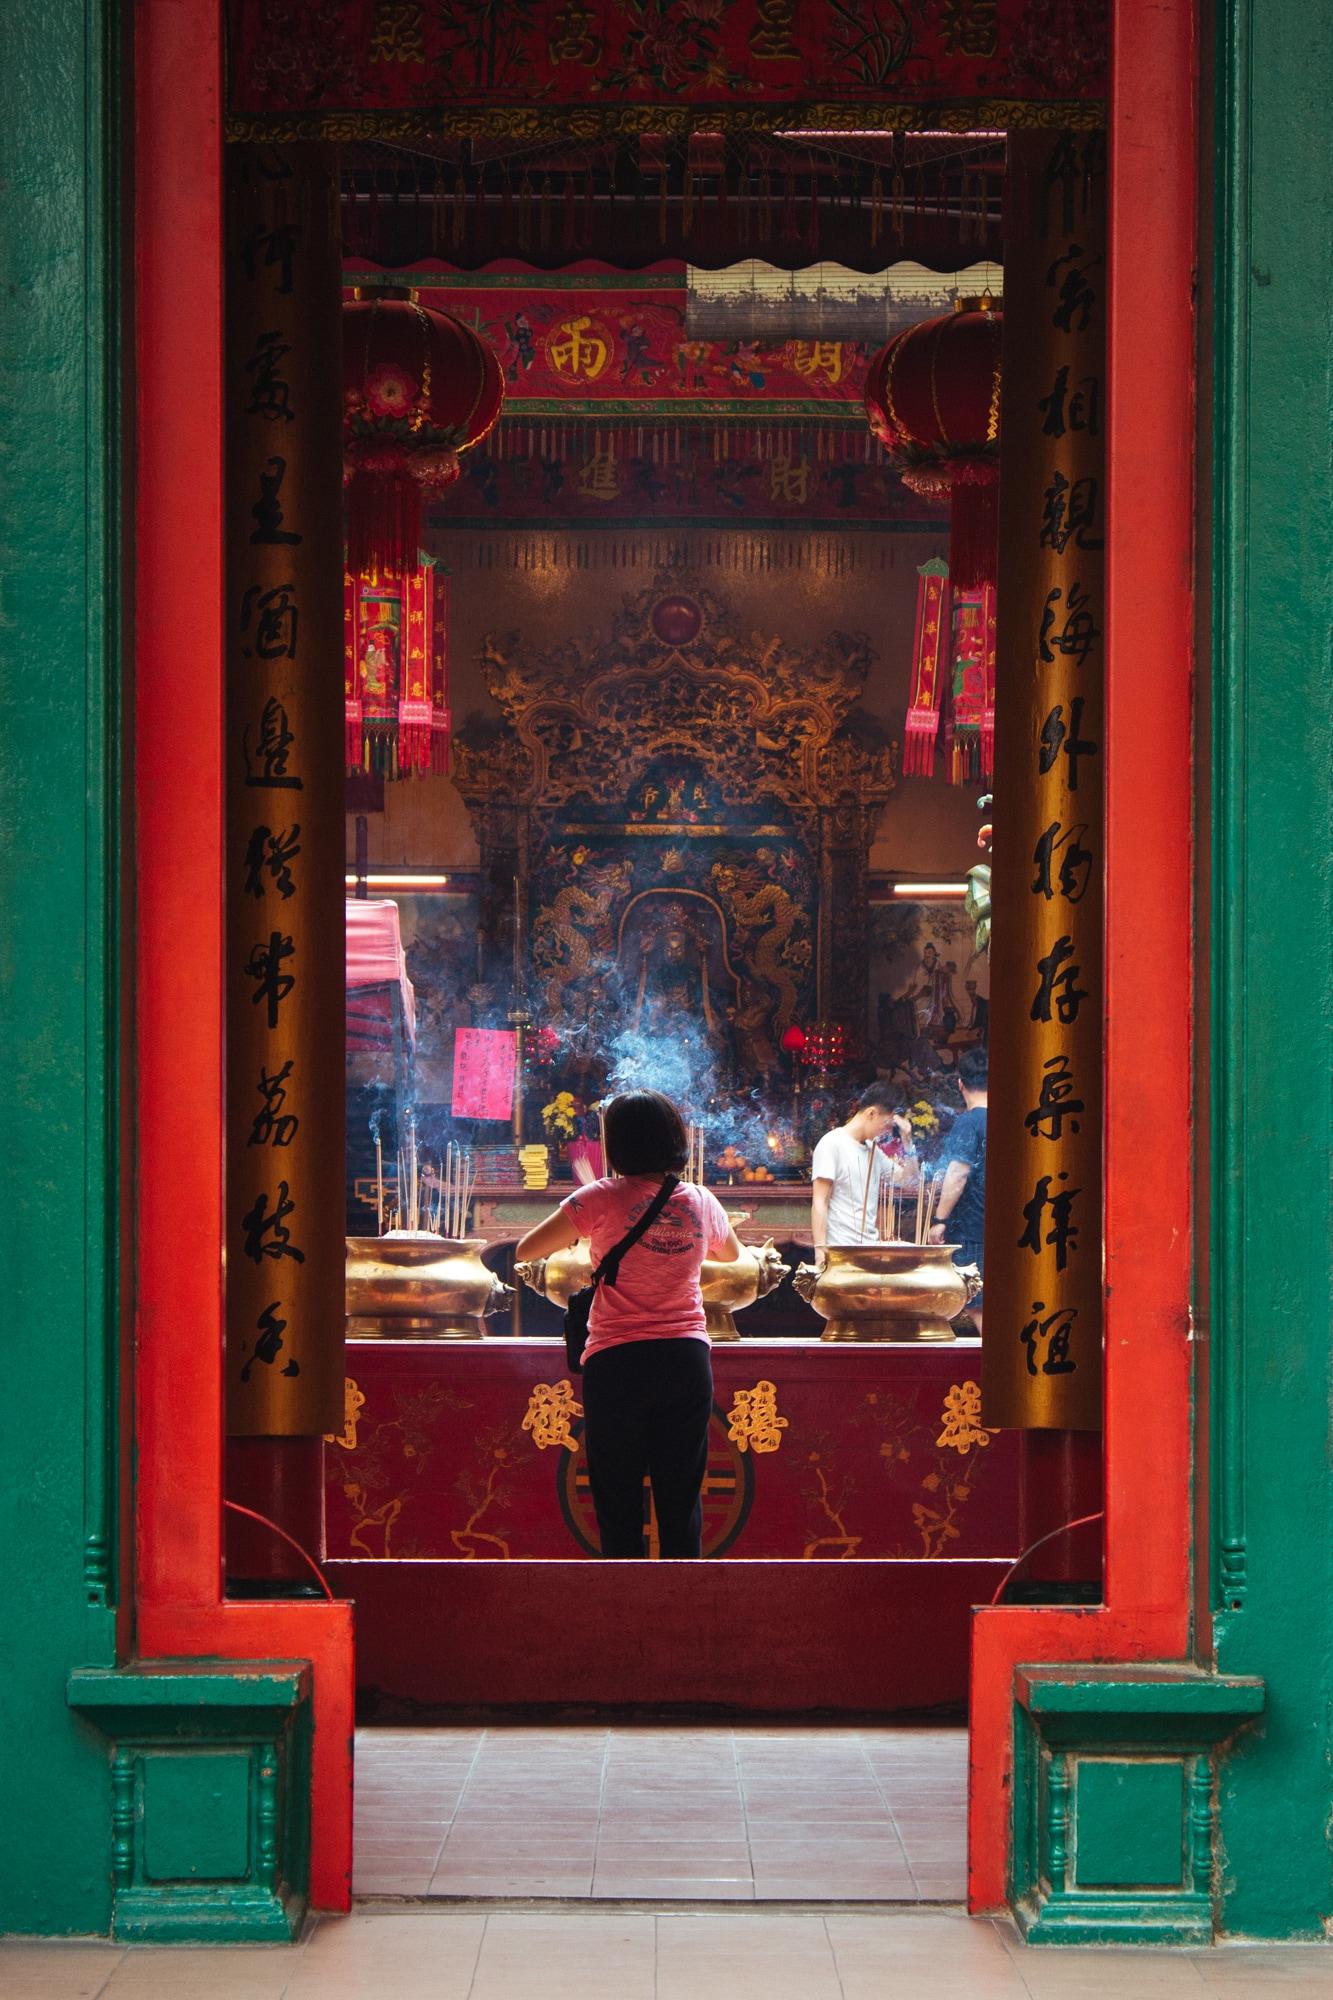 The Guandi Temple in Kuala Lumpur - II